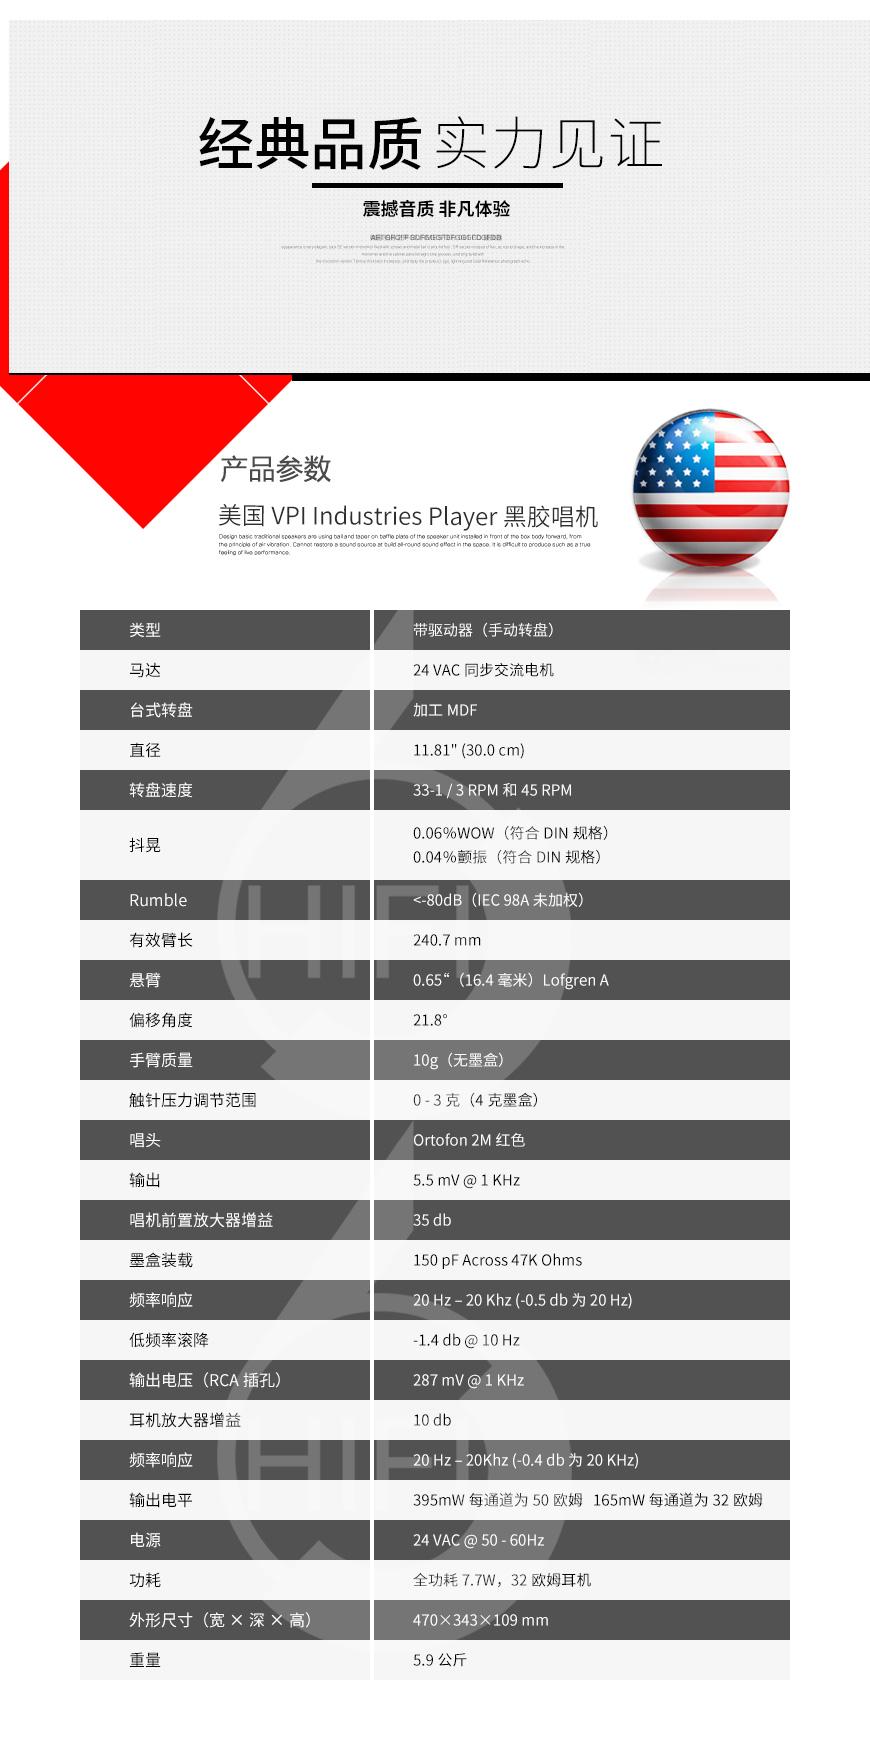 VPI Industries Player,美国VPI Industries Player 枫木 黑胶唱机,美国VPI Industries LP唱盘